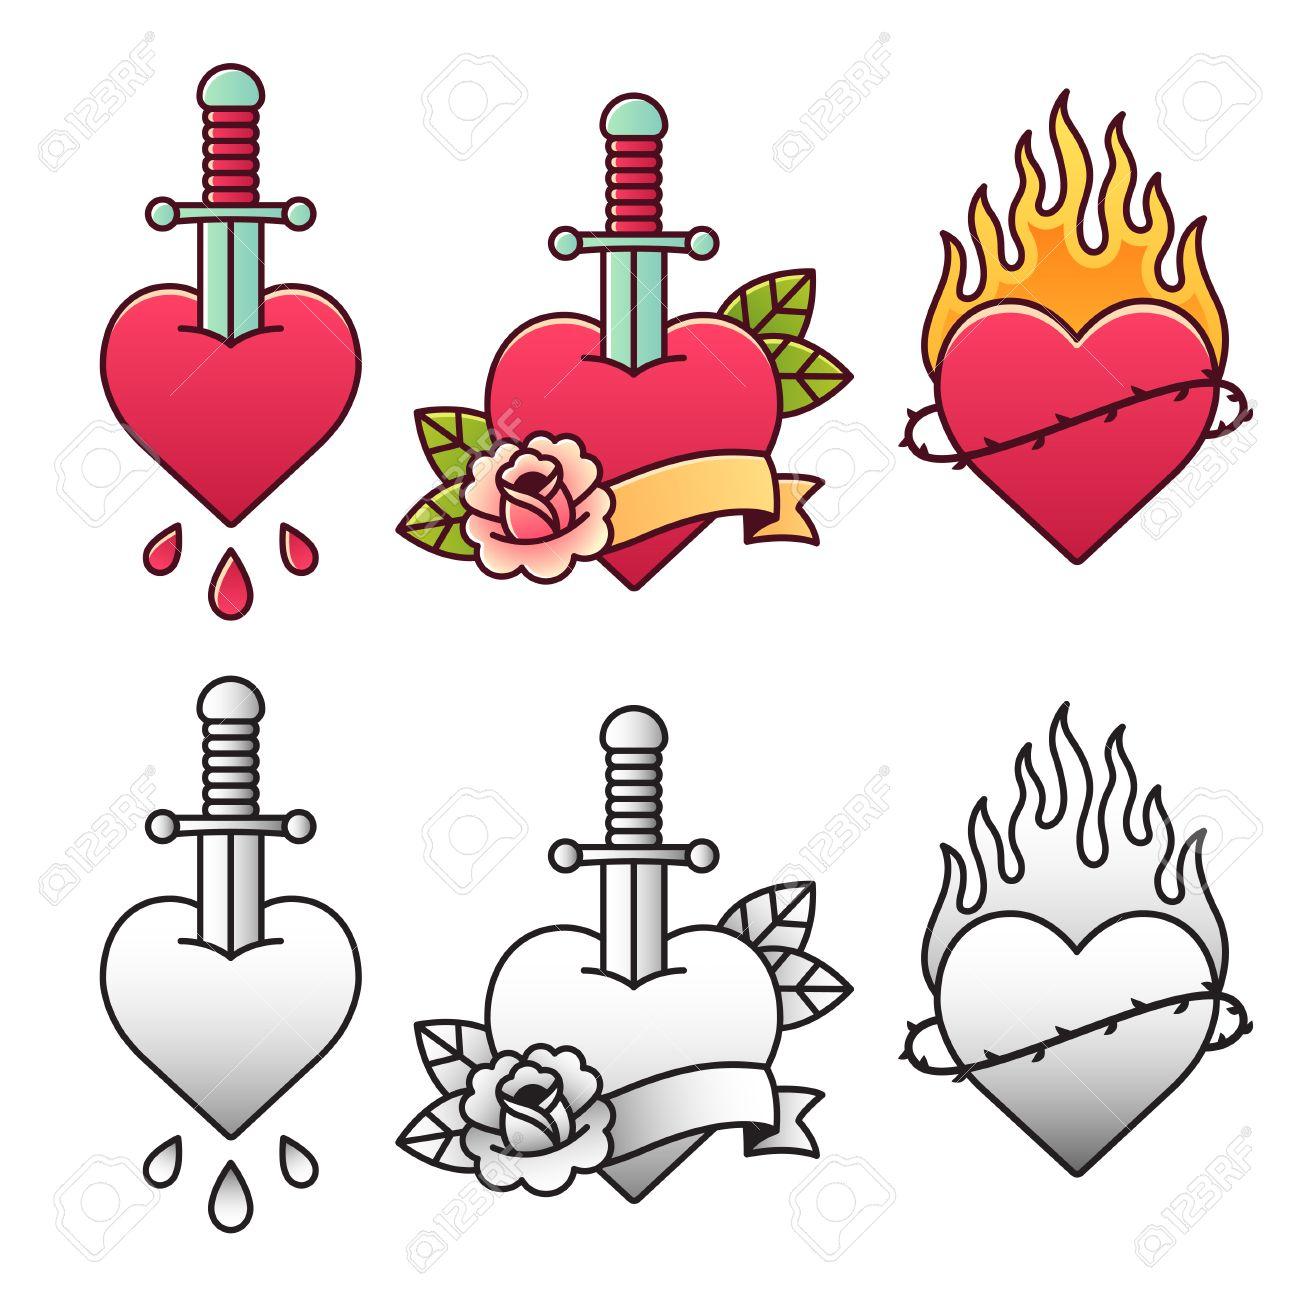 Conjunto Tradicional Del Tatuaje Del Corazón Con La Daga La Rosa